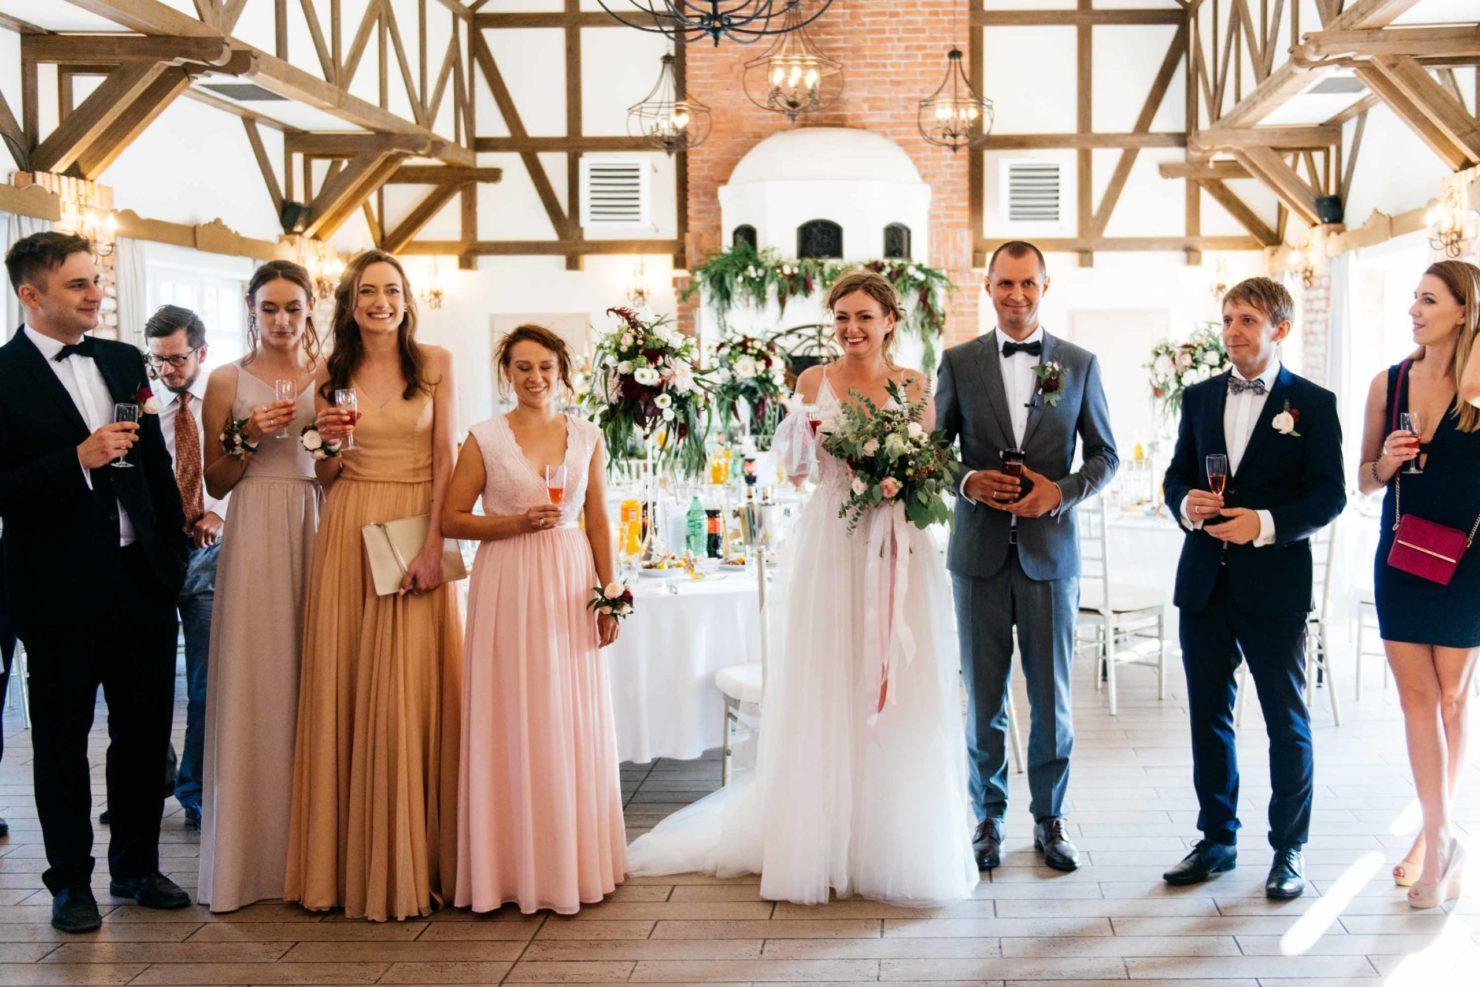 Najpiękniejsze miejsca na wesele w Warszawie i okolicach - miejsca na wesele w warszawie i okolicach